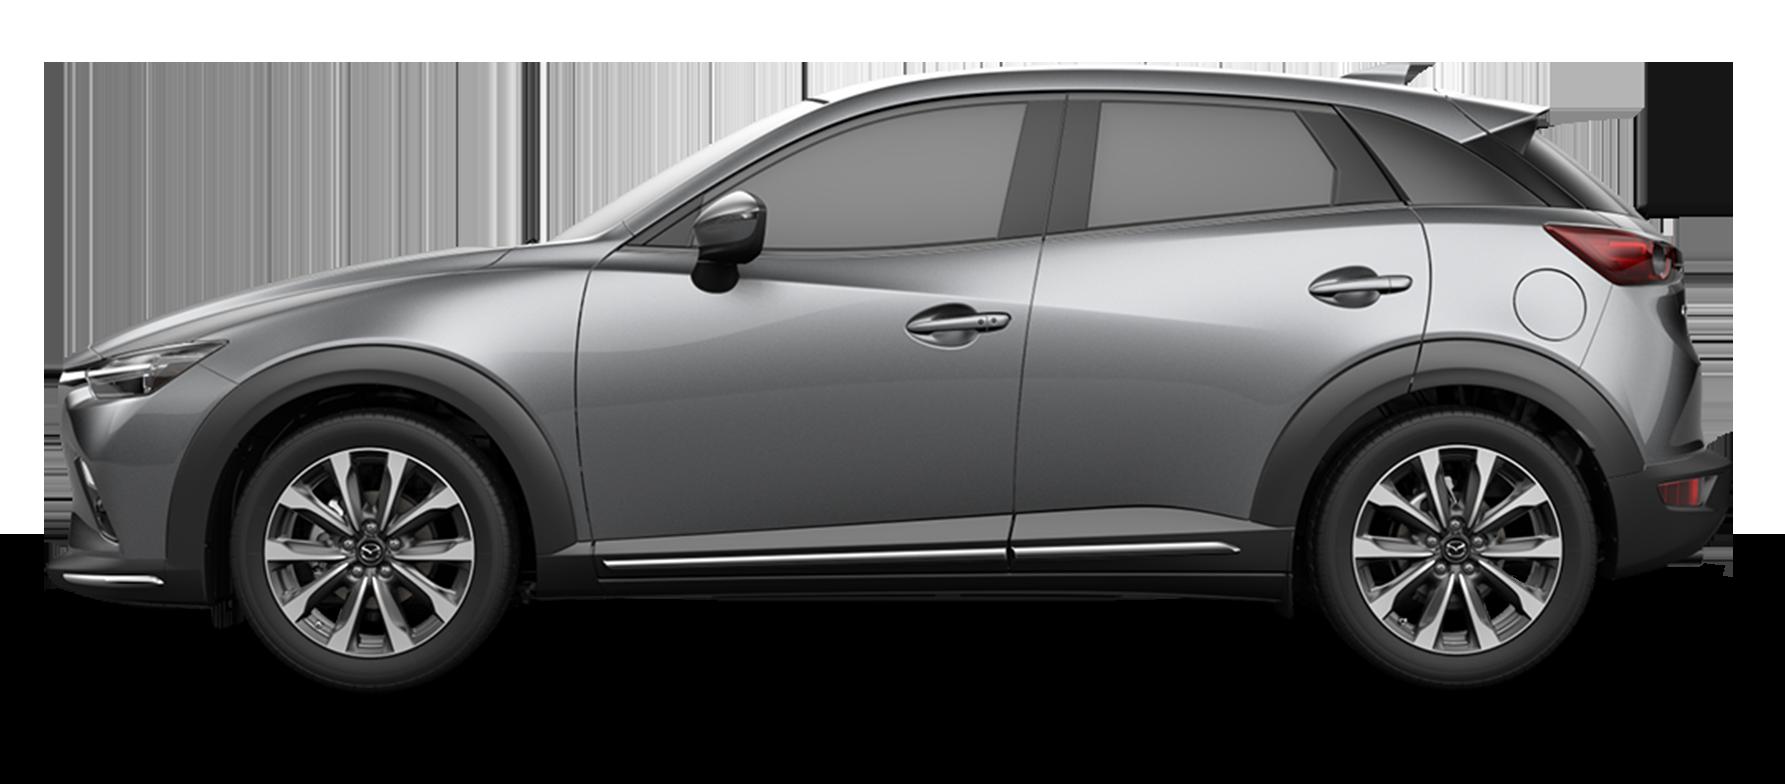 2019 Mazda CX 3 Image